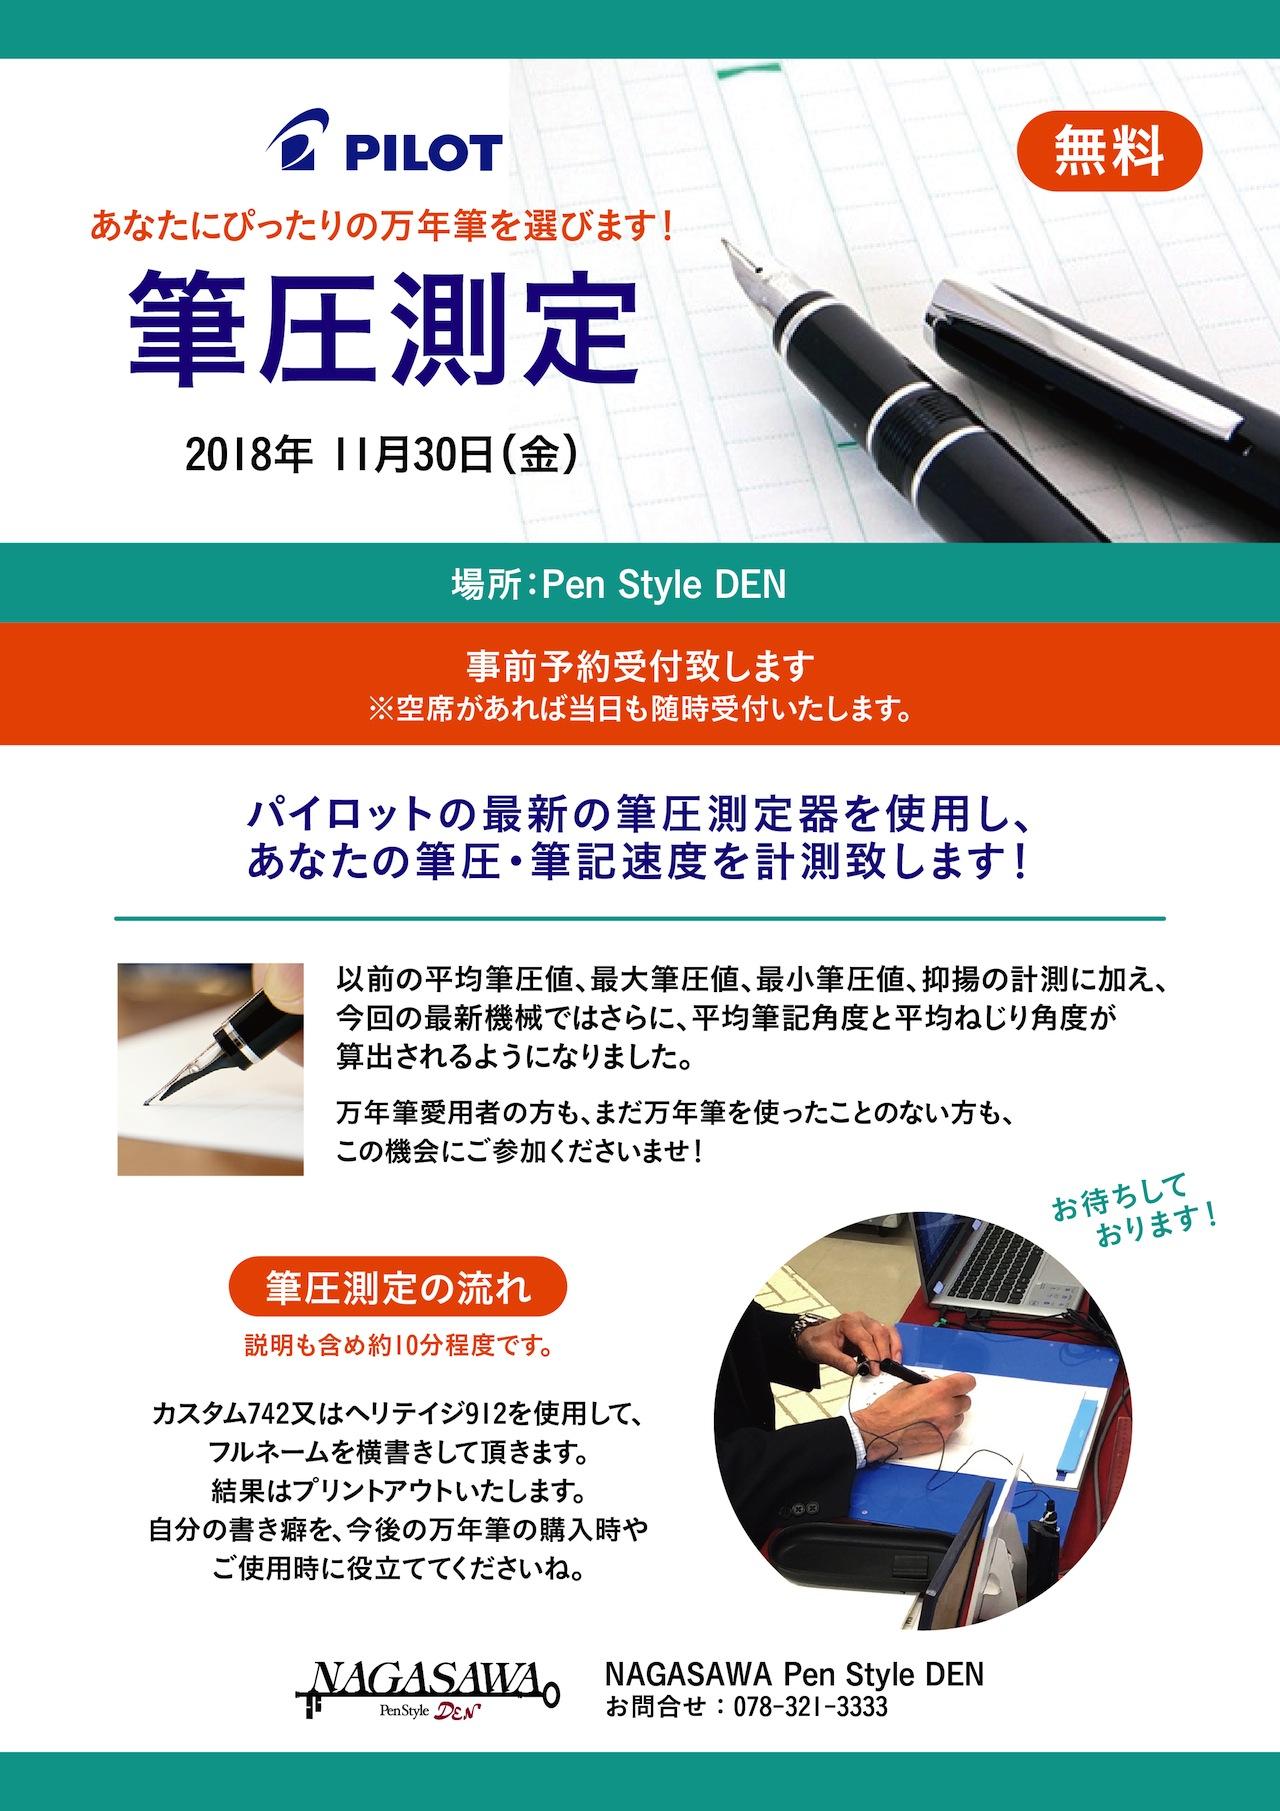 【PenStyle DEN】筆圧測定であなたにぴったりの万年筆を選びます!